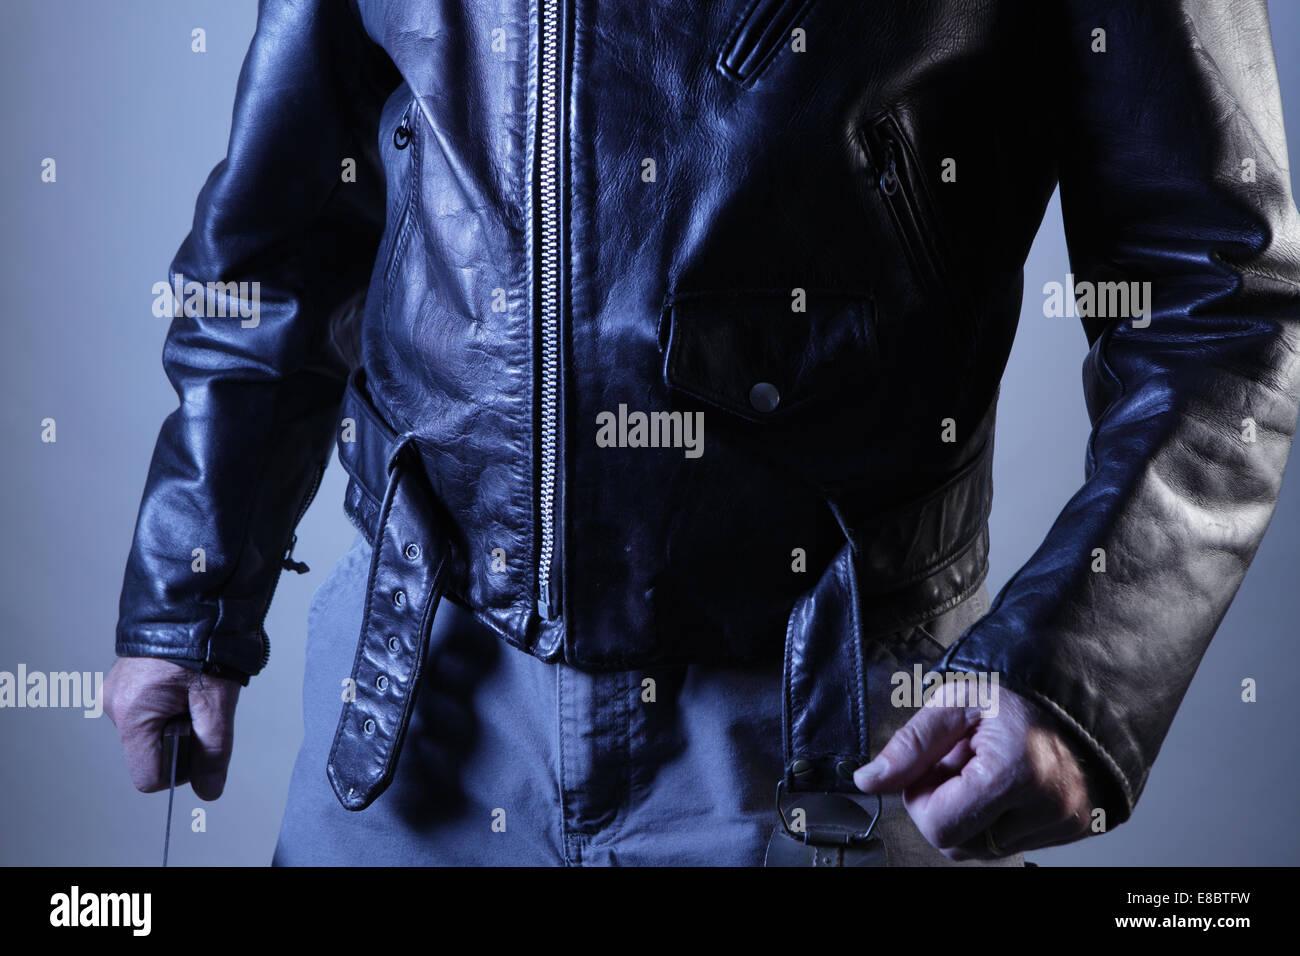 Menaces de violence masculine à coups de poing et de couteau torse illustré Photo Stock